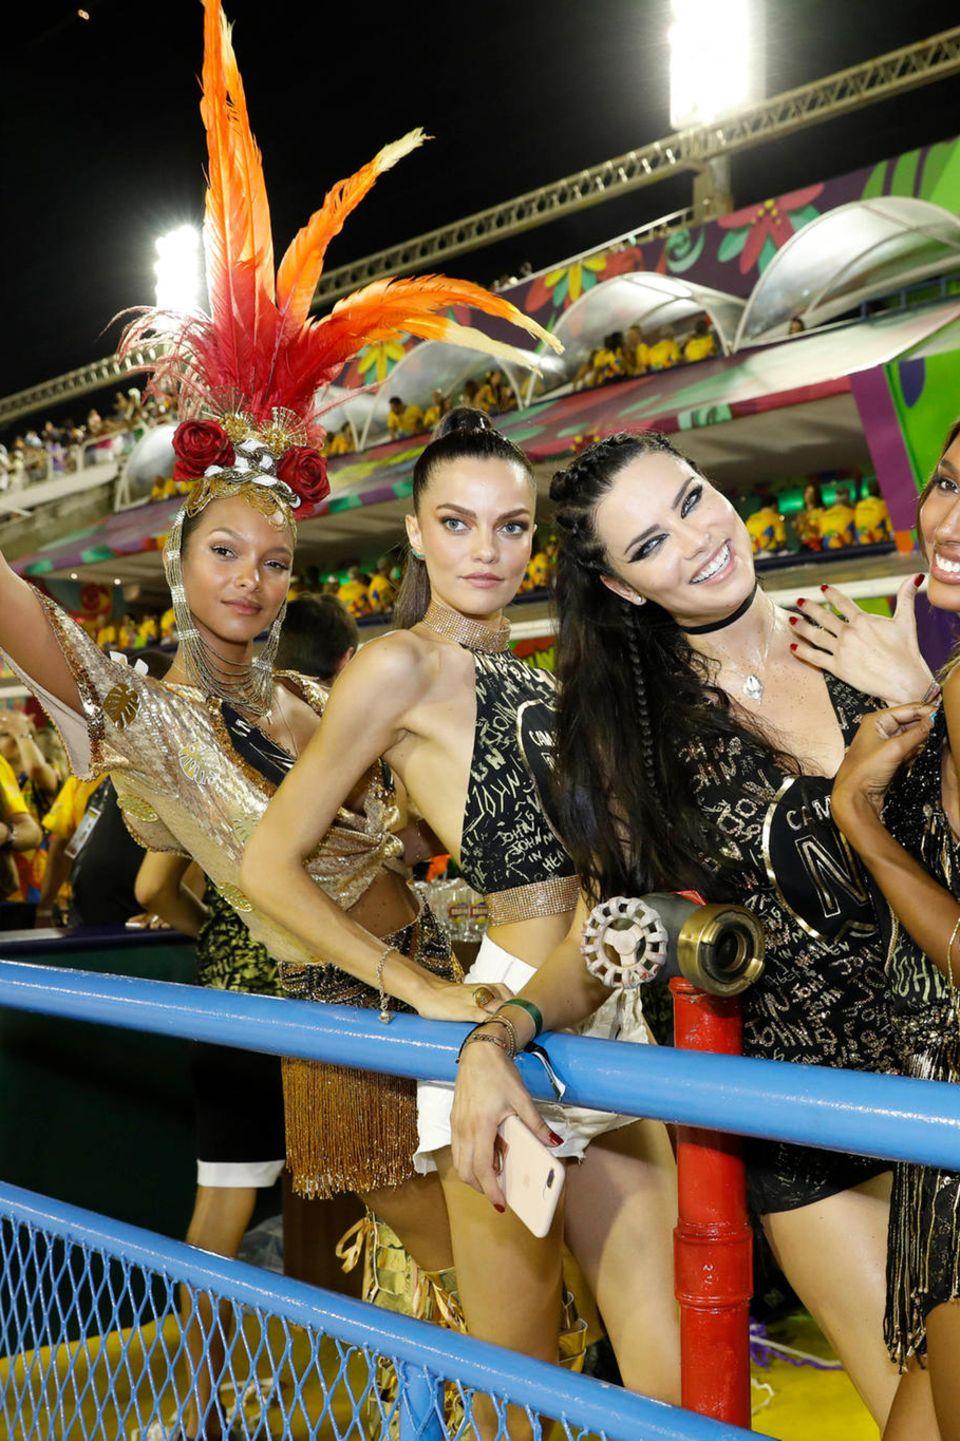 12. Februar 2018  Die Victoria Secret Models Lais Ribeiro, Adriana Lima und Jasmine Tookes feiern beim brasilianischen Karneval, wie gewohnt sehr sexy.